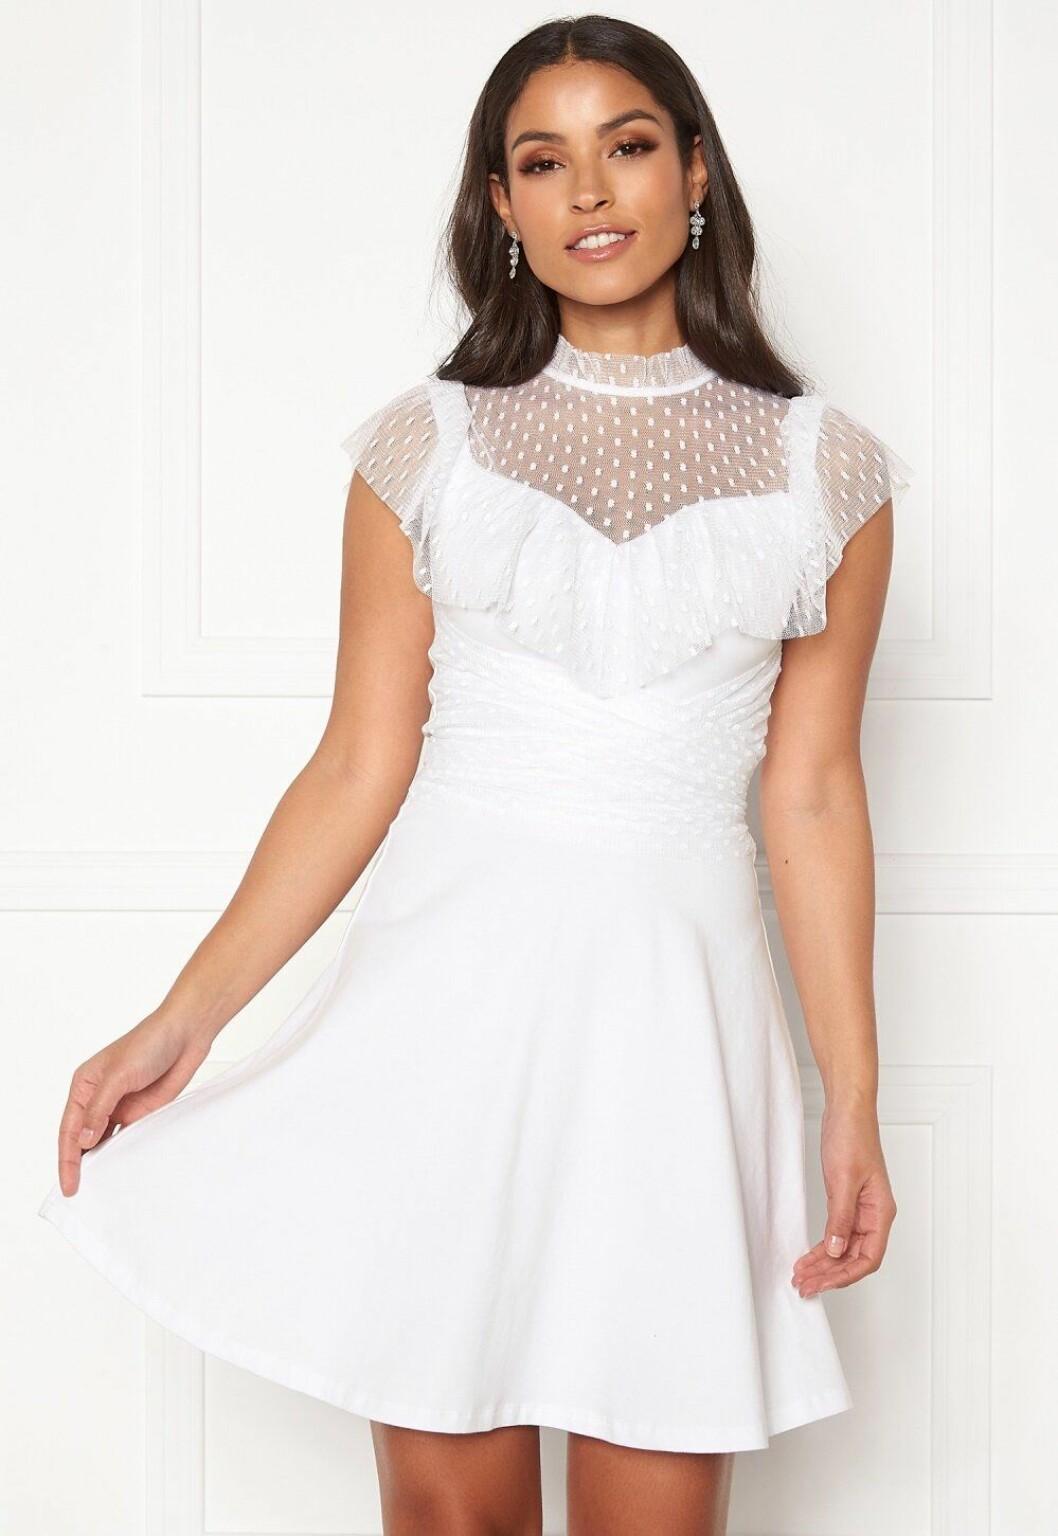 Vit romantisk klänning som fungerar som bröllopsklänning